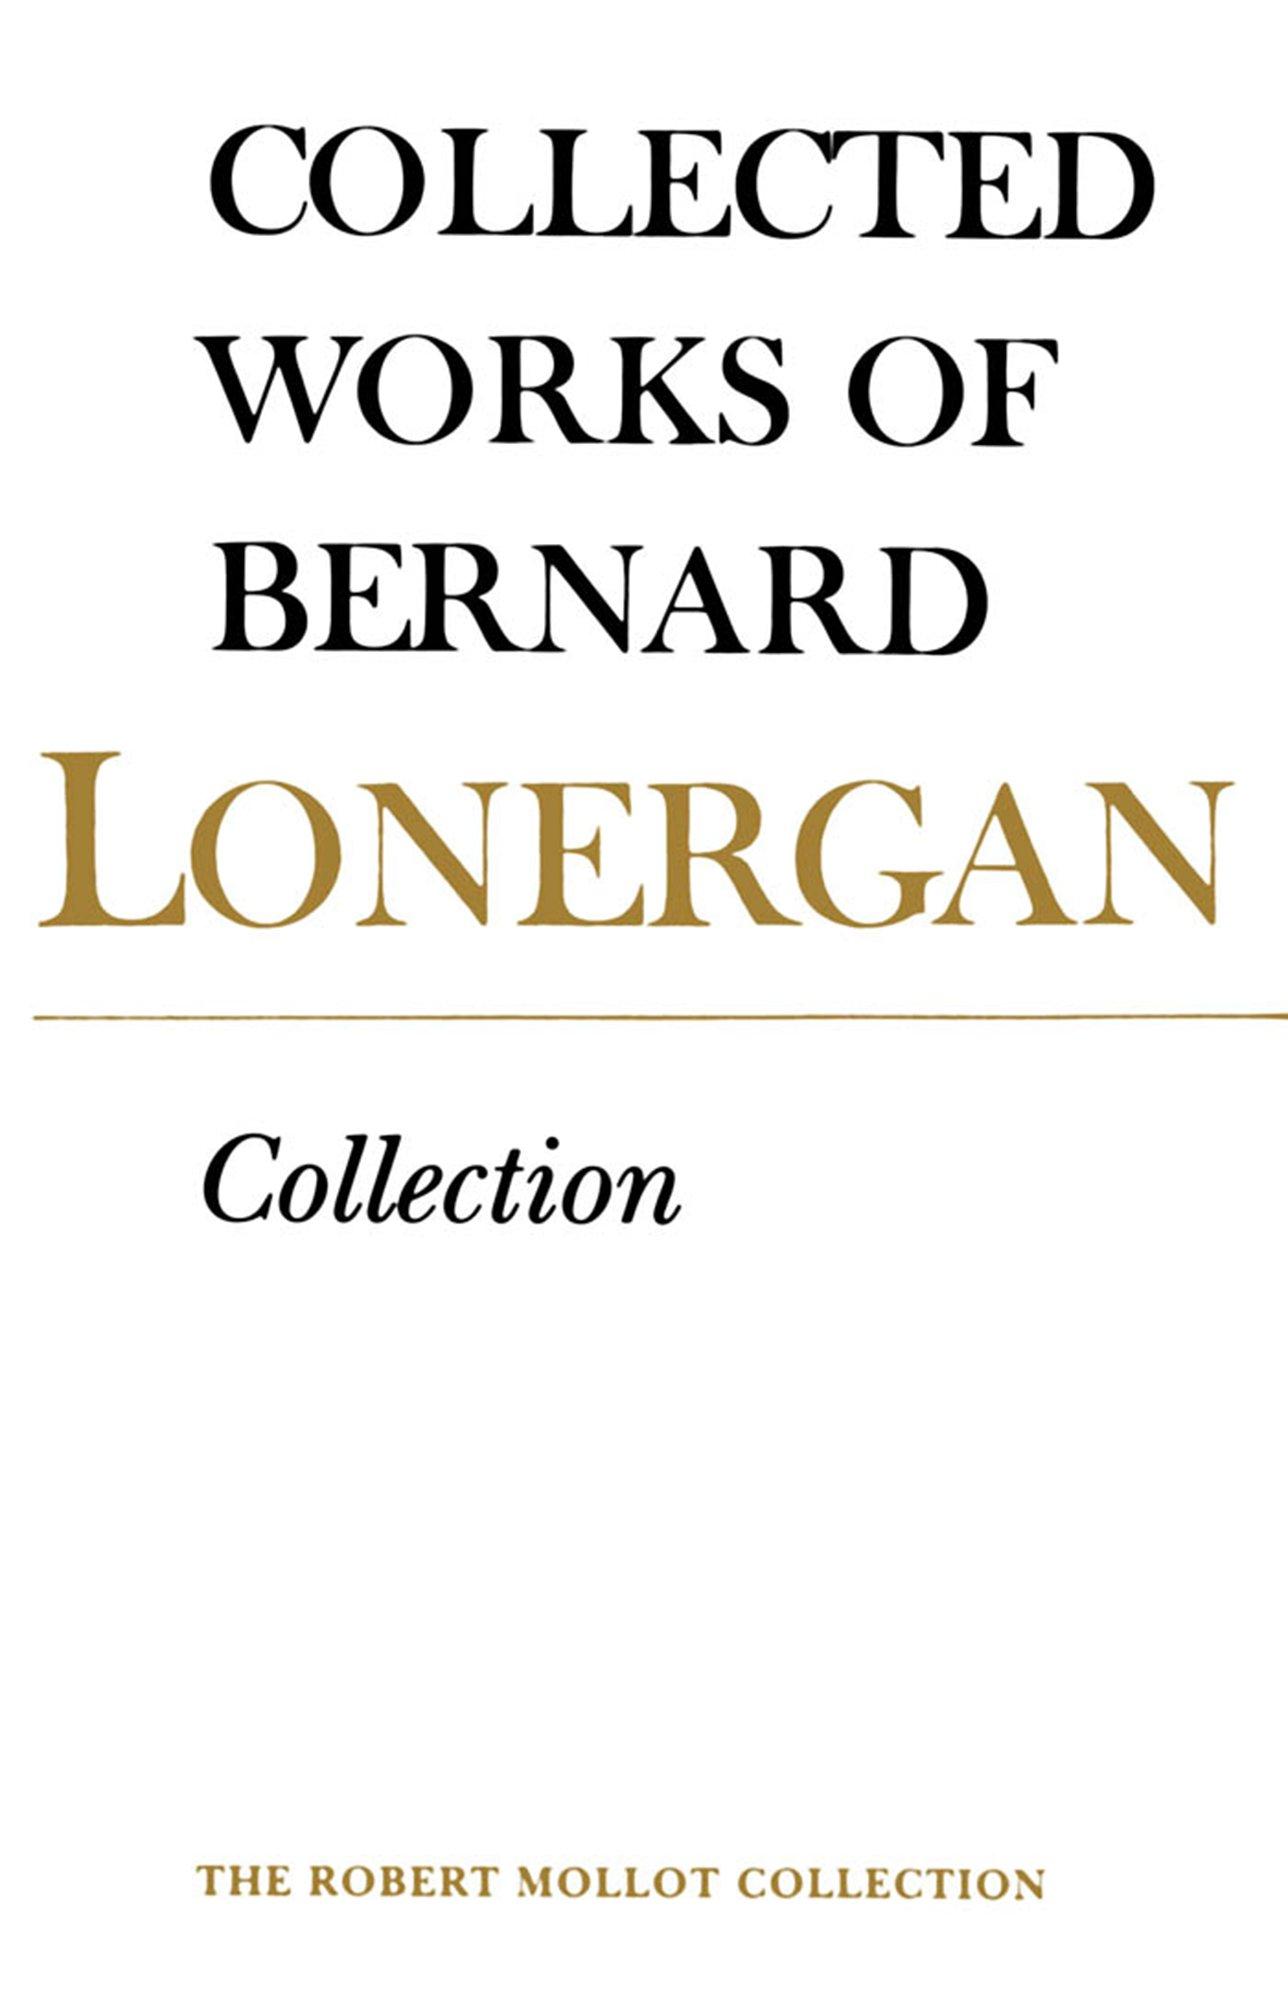 an analysis of the bernard lonergan